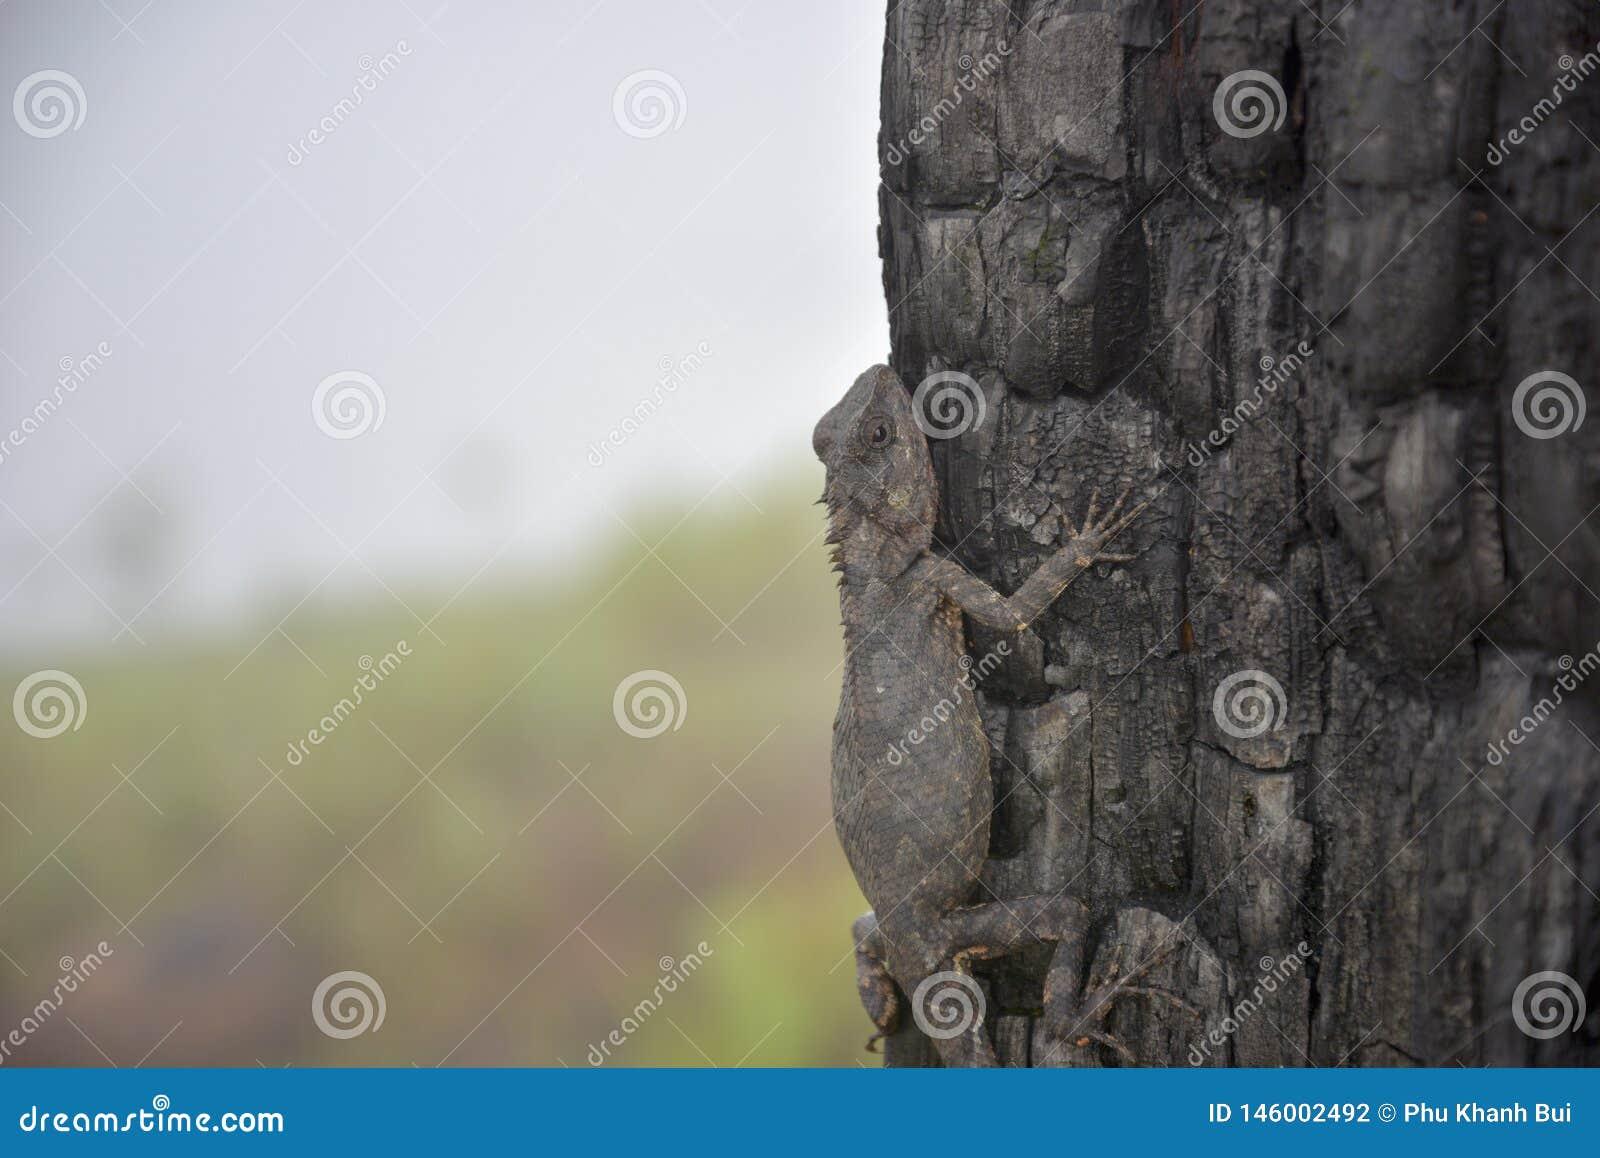 Хамелеоны изменяют цвет на, который сгорели части 11 ствола дерева